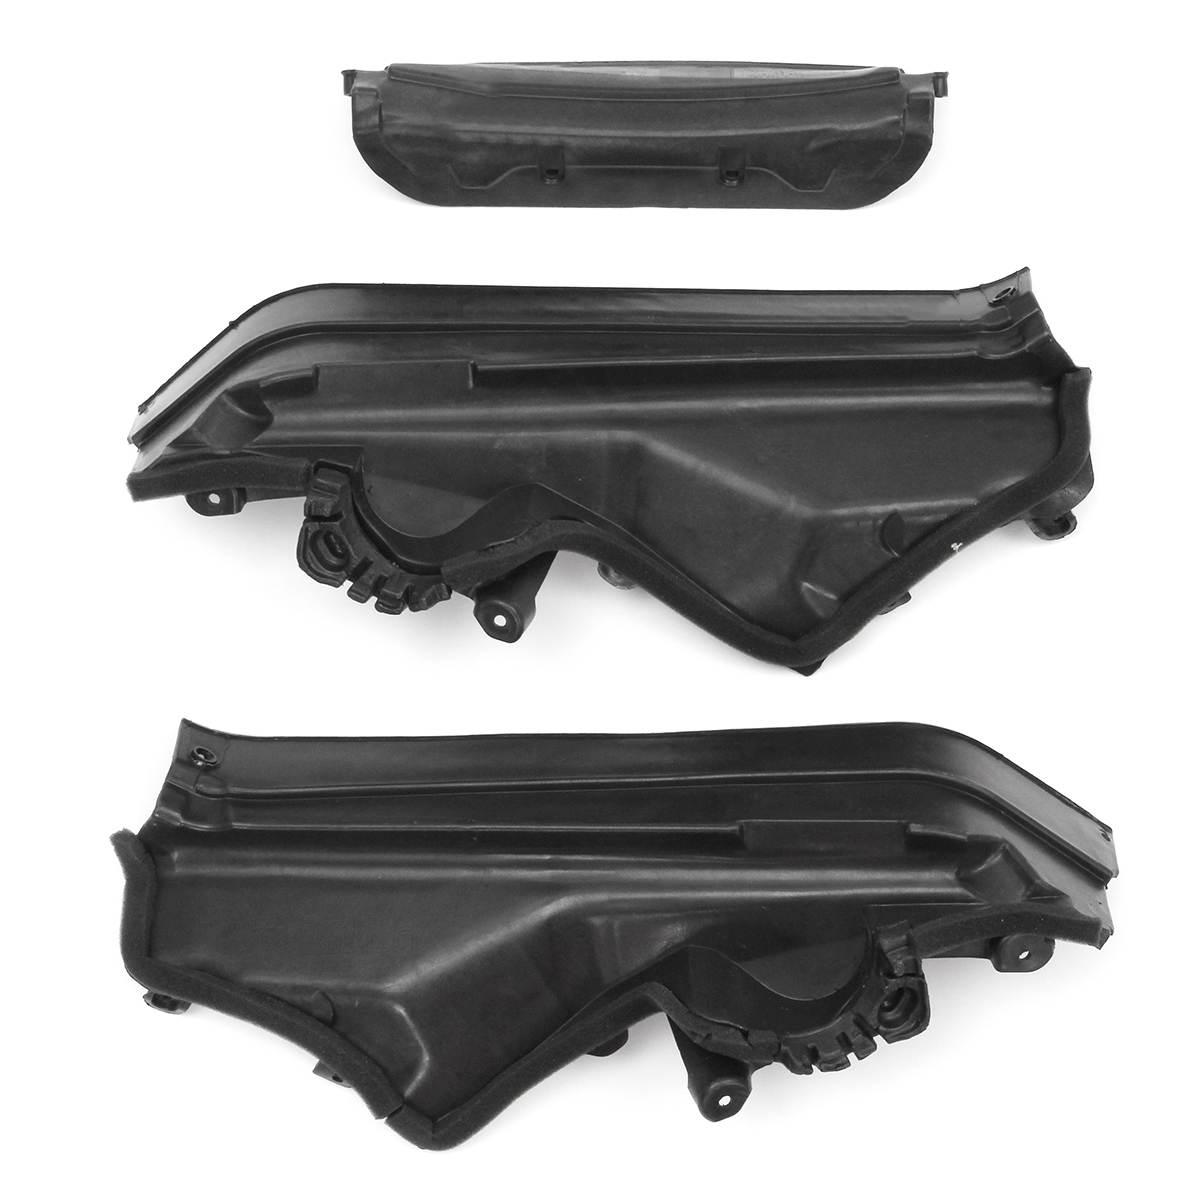 Hoge Kwaliteit 3 Pcs Auto Motor Bovenste Compartiment Partitie Panel Set Voor Bmw X5 X6 E70 E71 E72 51717169419 51717169420 51717169421